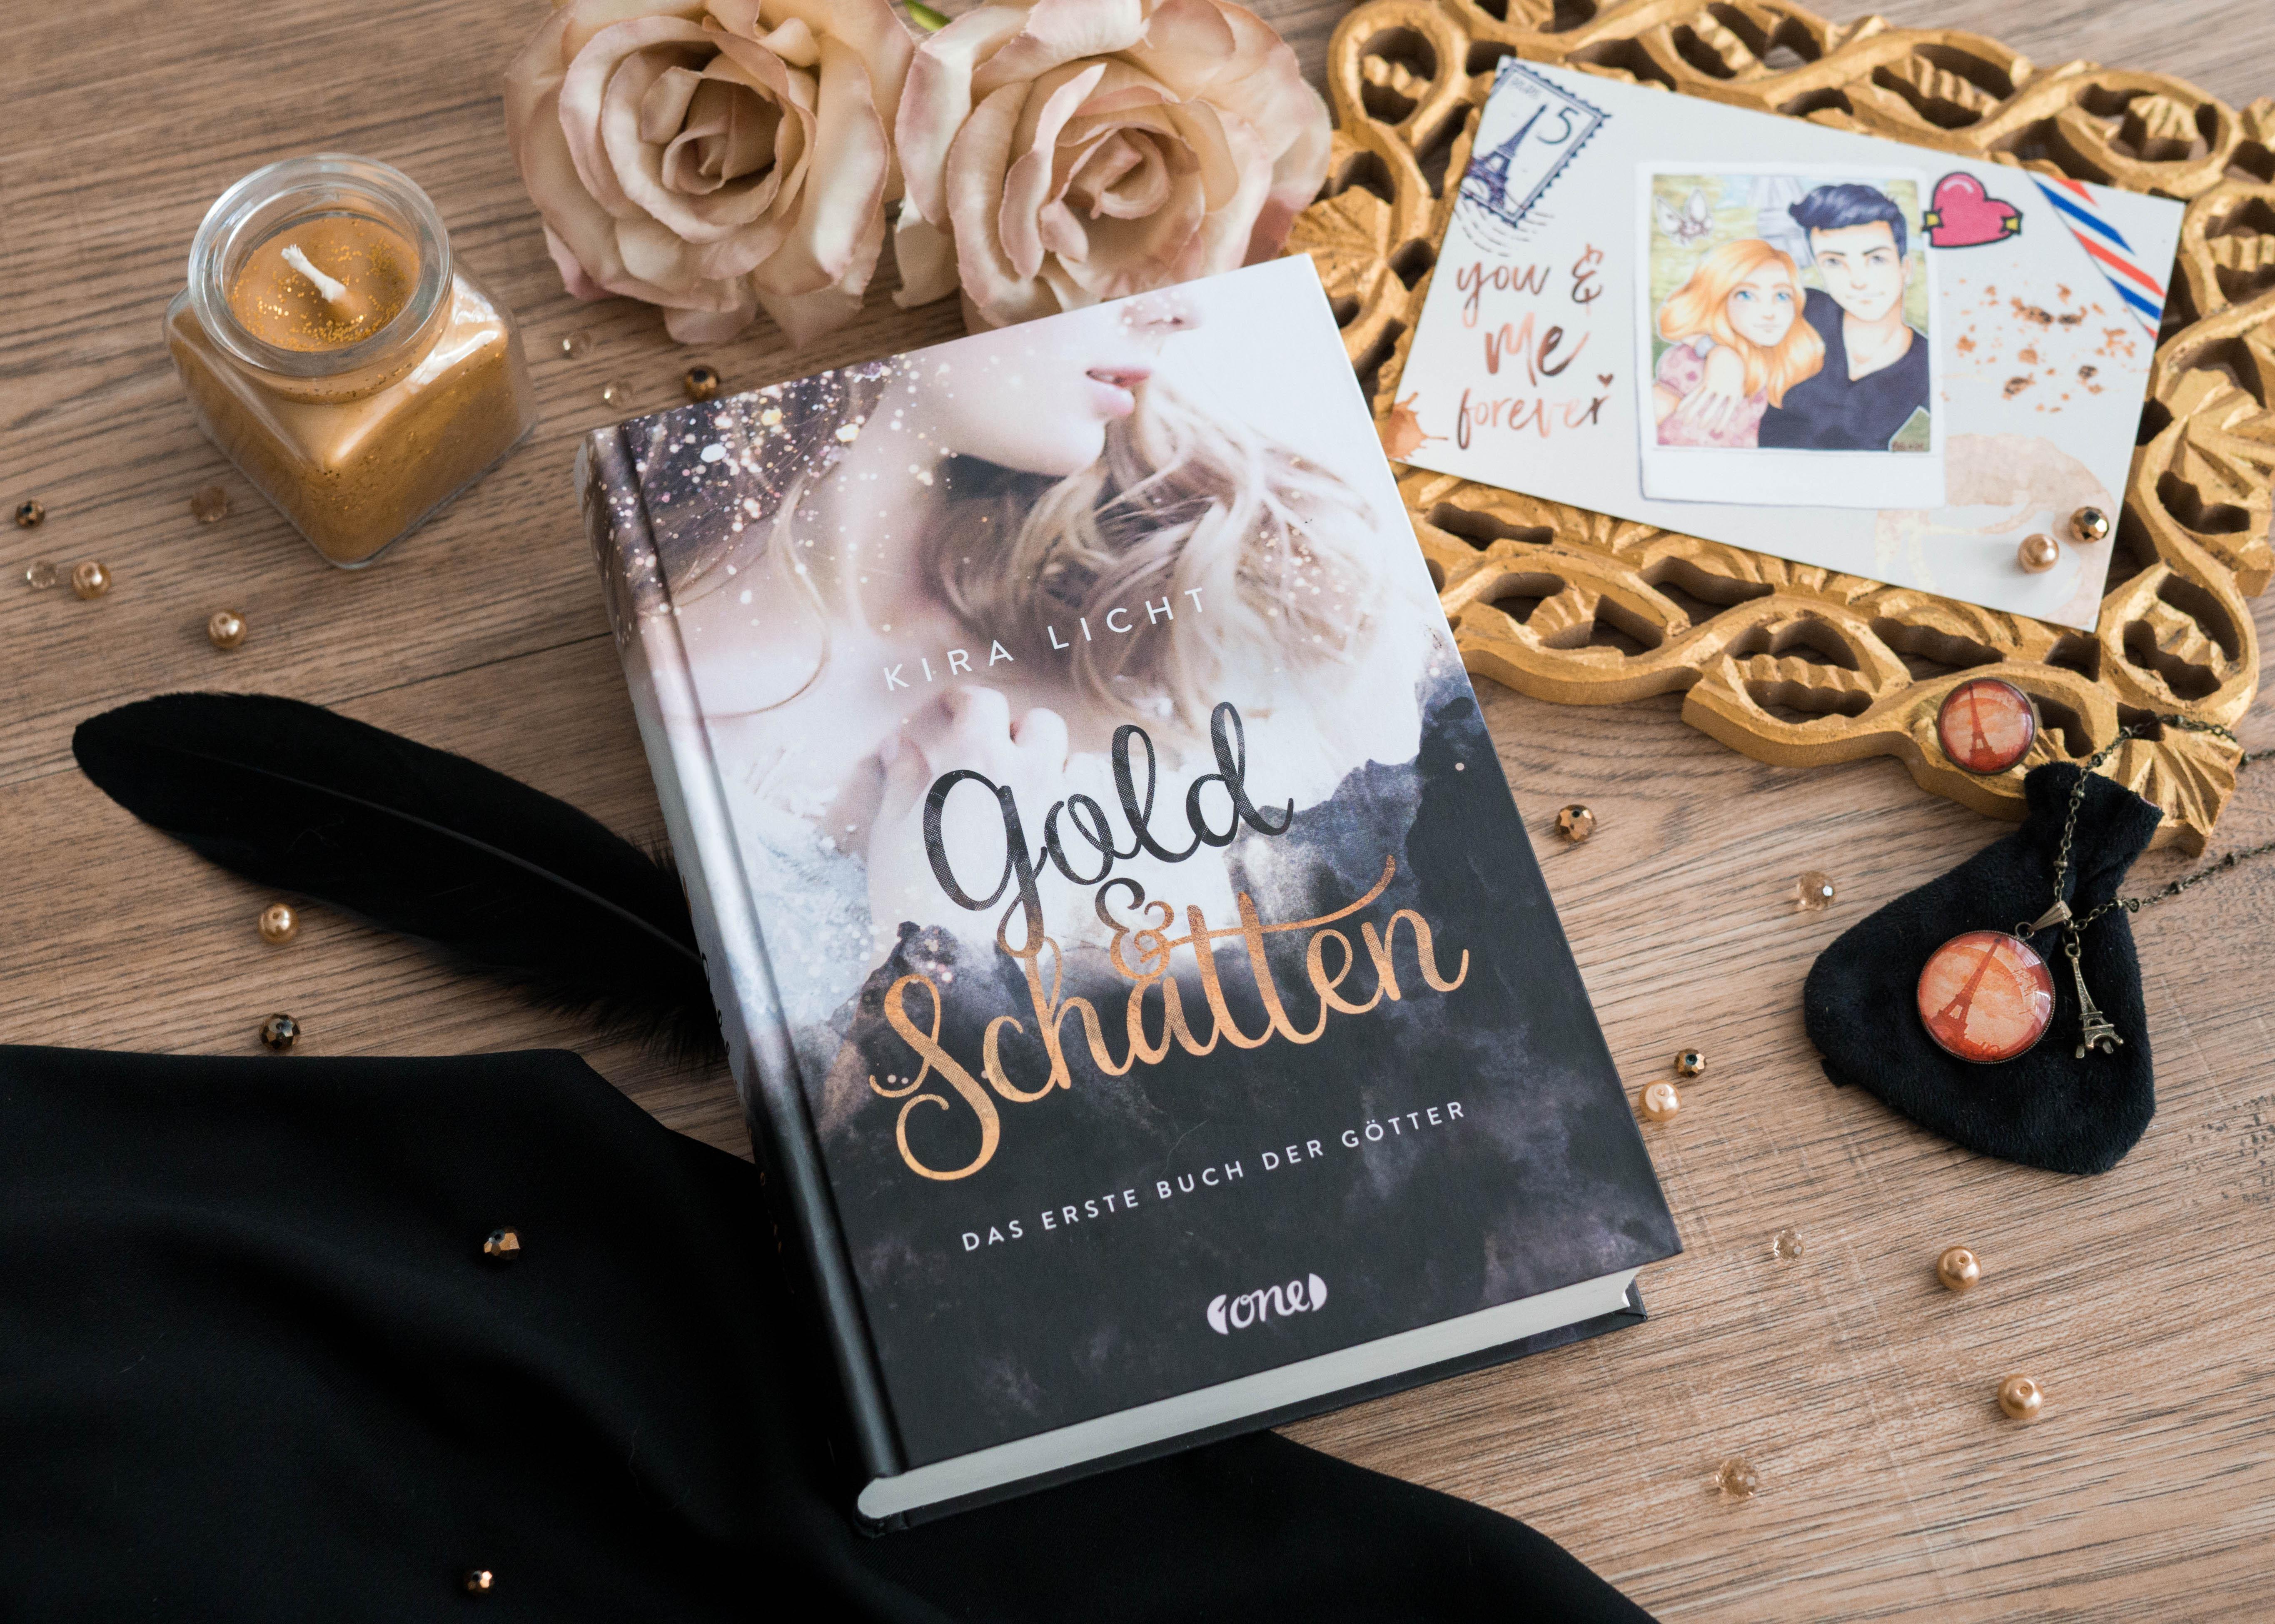 Gold & Schatten: Das erste Buch der Götter – Kira Licht